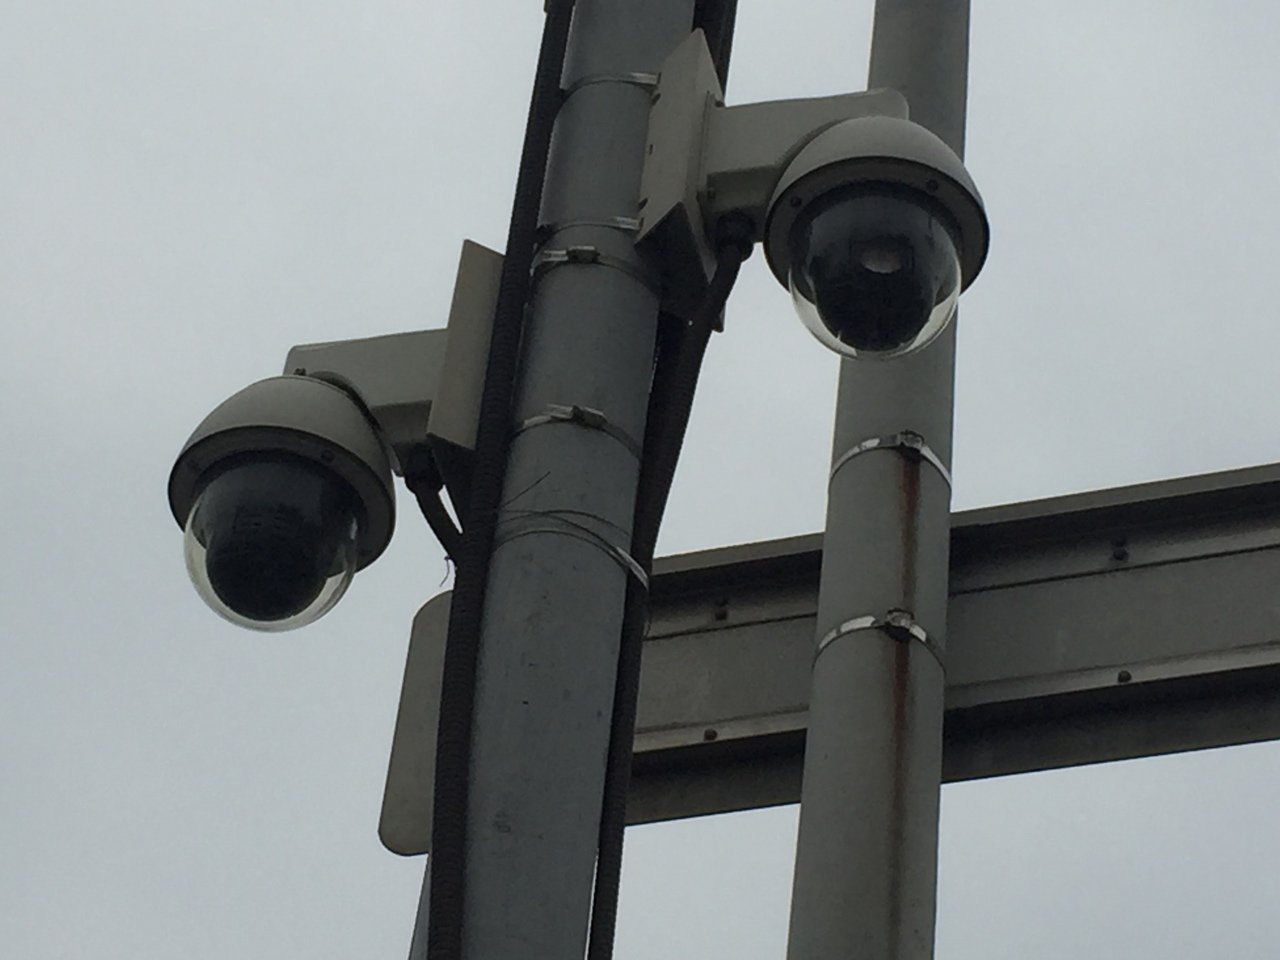 這疑似監視器被傳得無所不罰,造成人心惶惶。記者吳政修/攝影